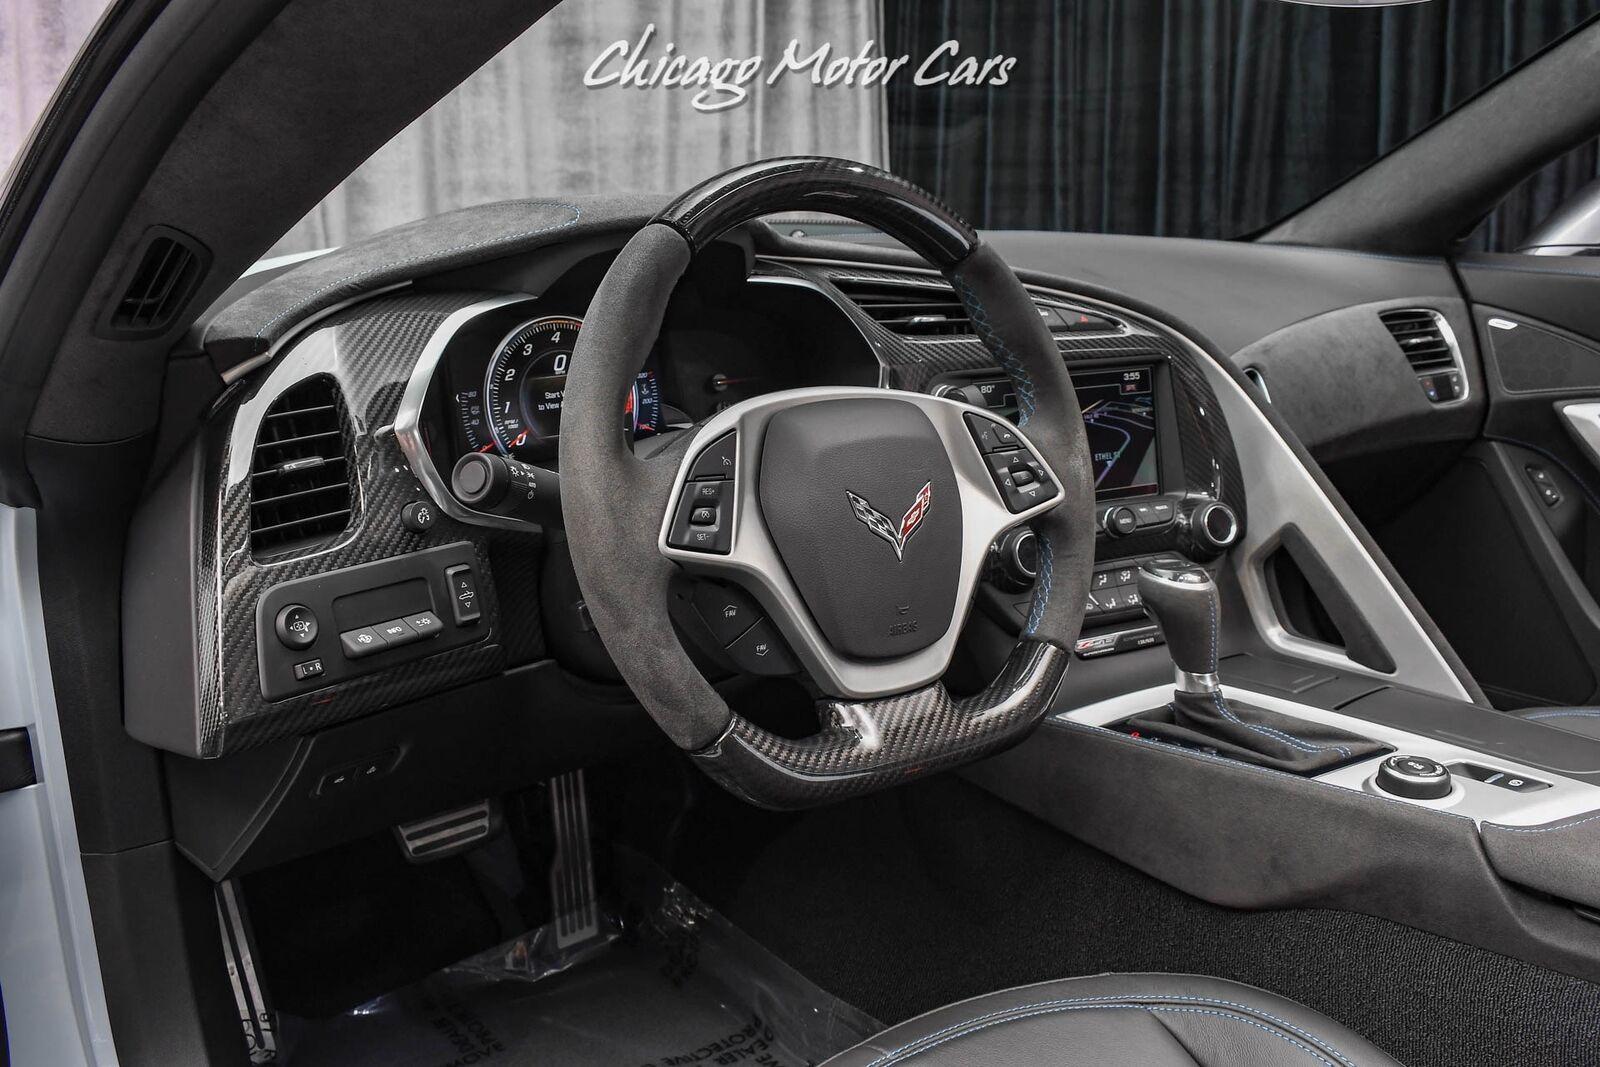 2018 White Chevrolet Corvette Z06 3LZ | C7 Corvette Photo 8